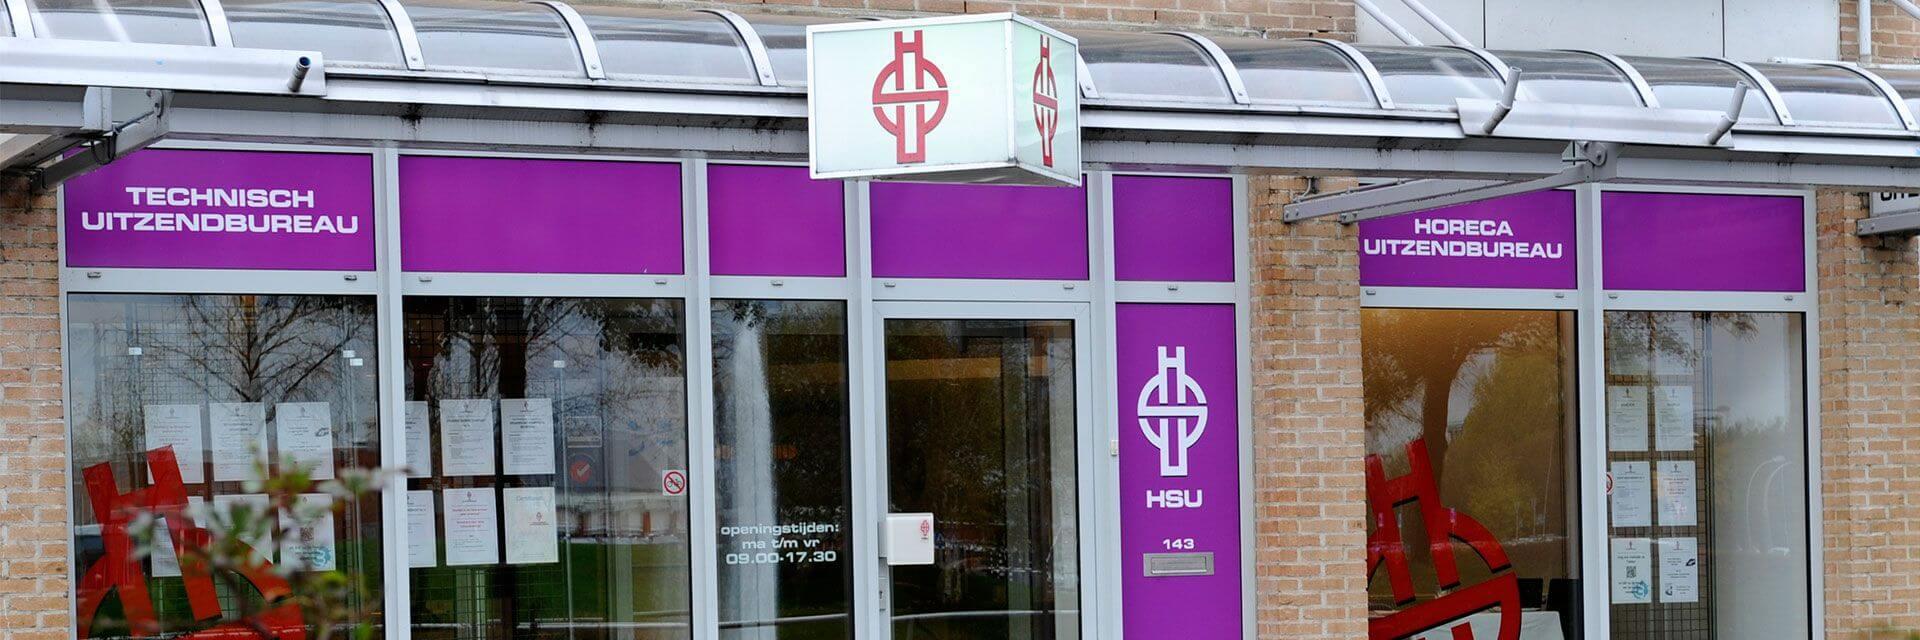 HSU Lelystad horeca uitzendbureau